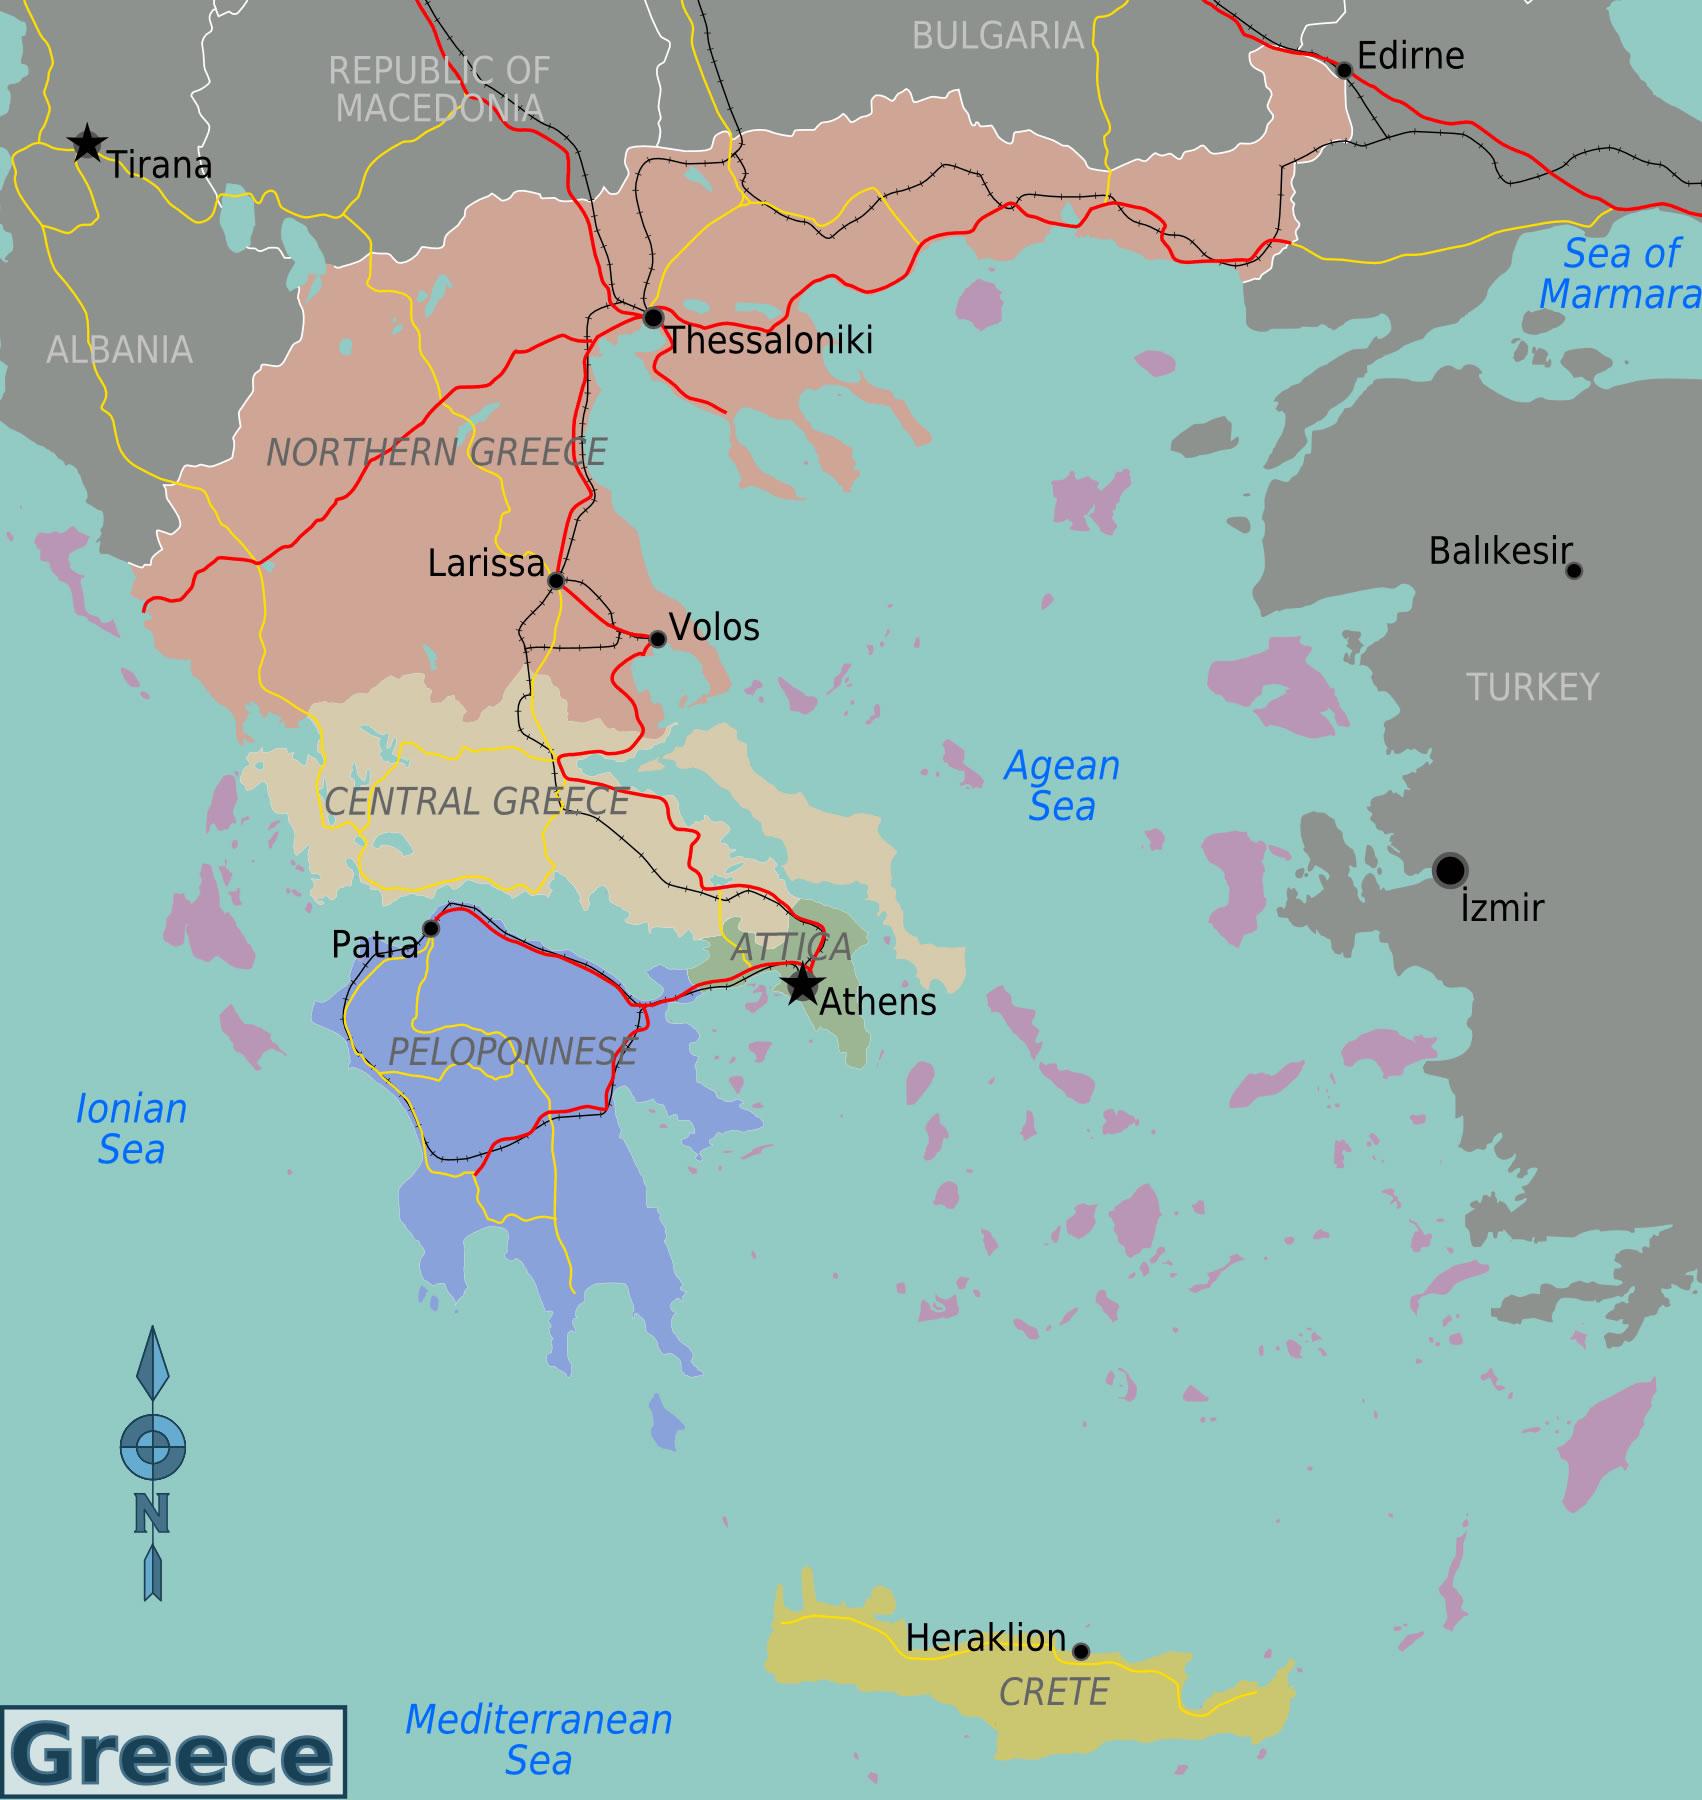 fleuves-a-la-grece-sur-la-carte